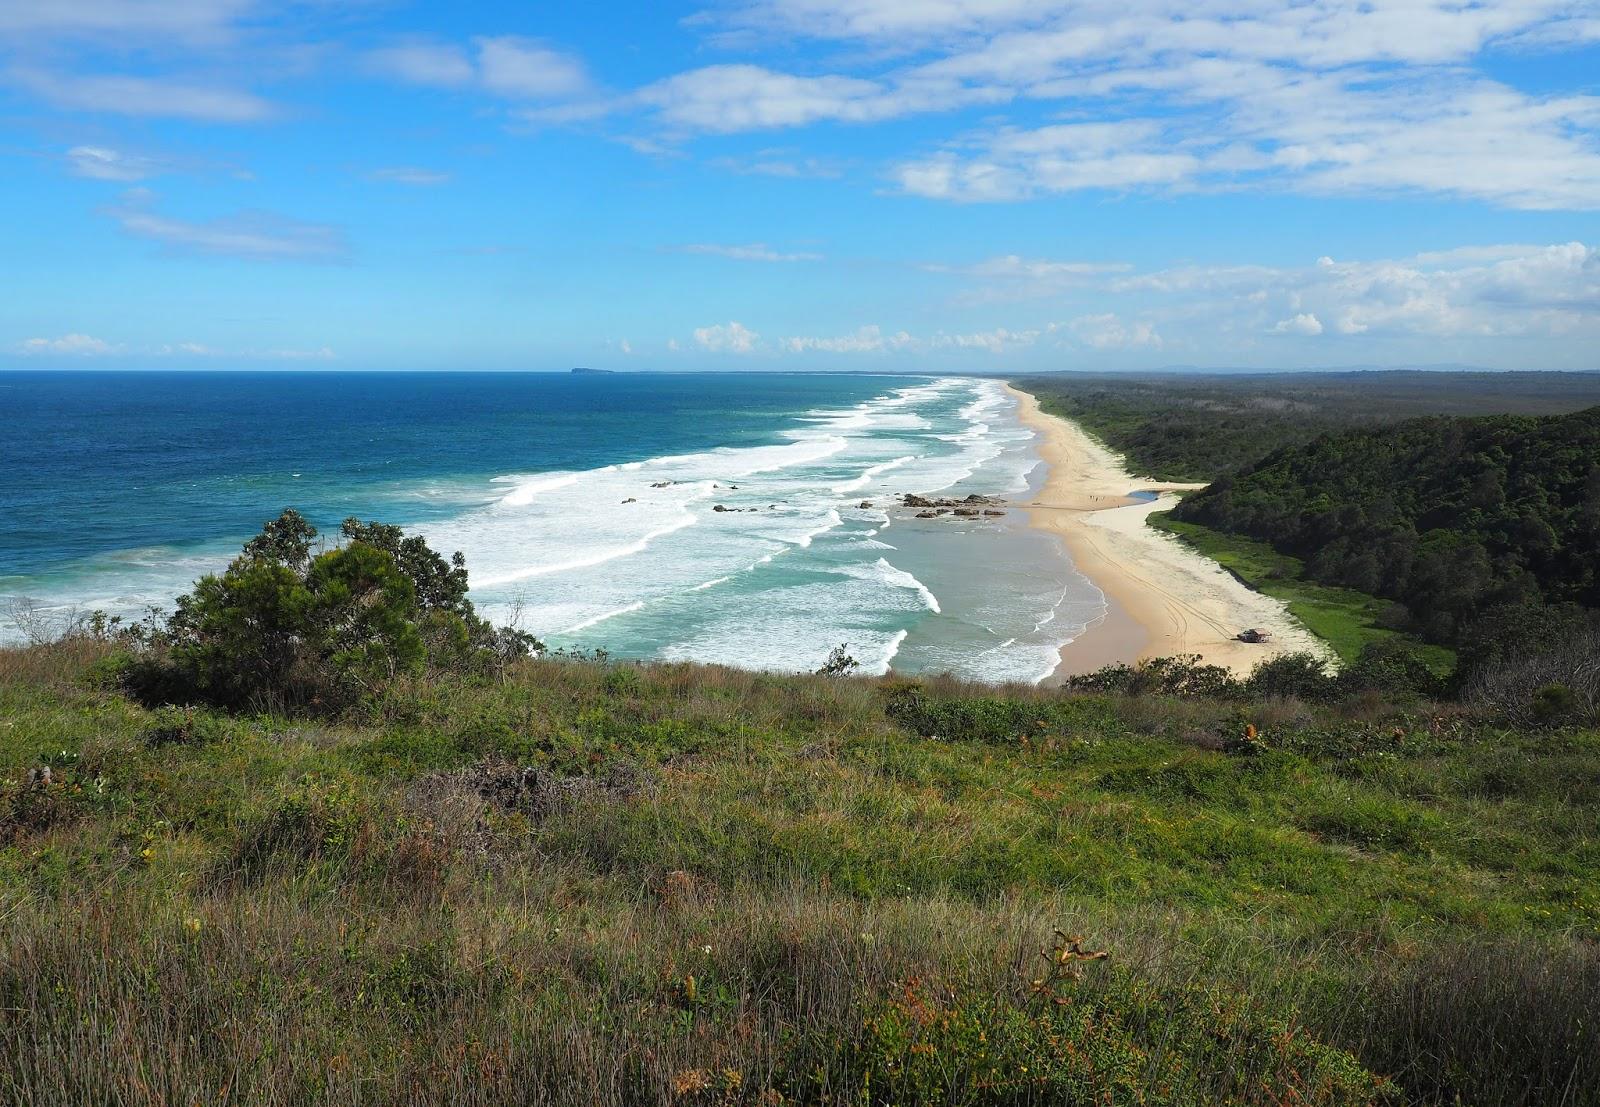 Kylie's Beach